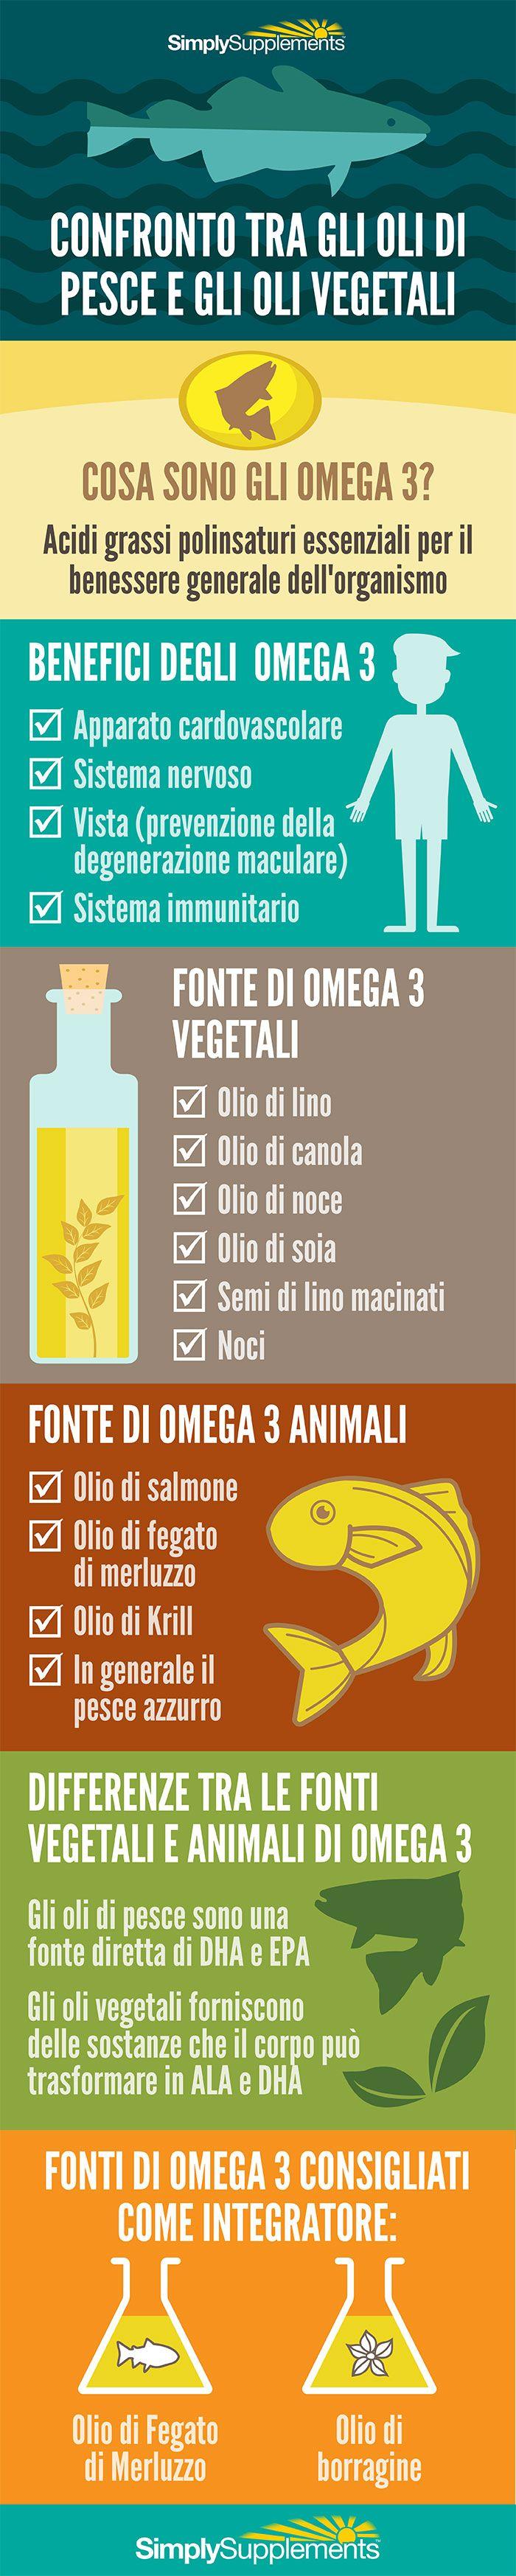 Infographic - Confronto tra gli oli di pesce e gli oli vegetali